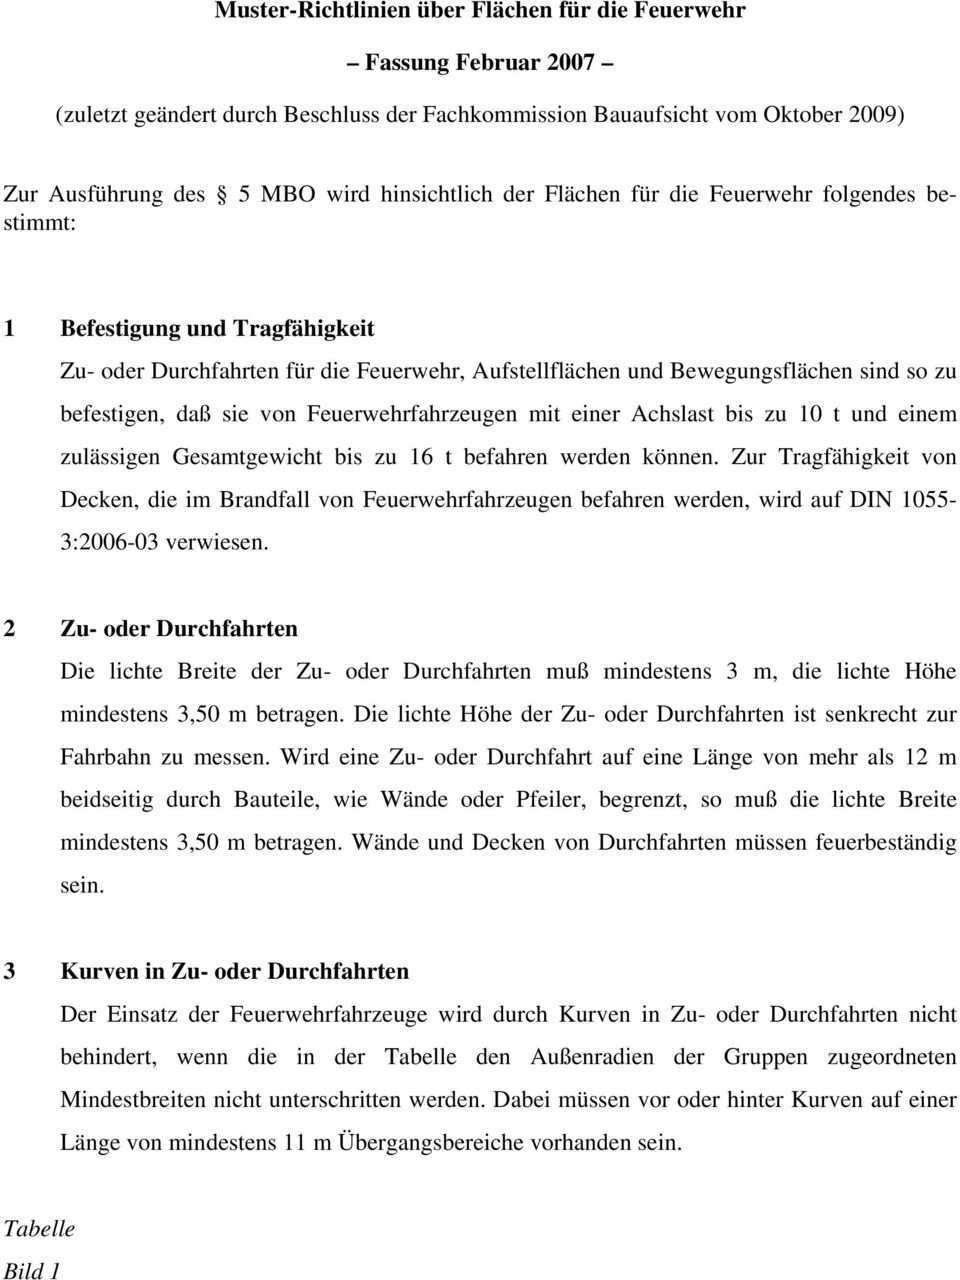 Muster Richtlinien Uber Flachen Fur Die Feuerwehr Fassung Februar Pdf Kostenfreier Download